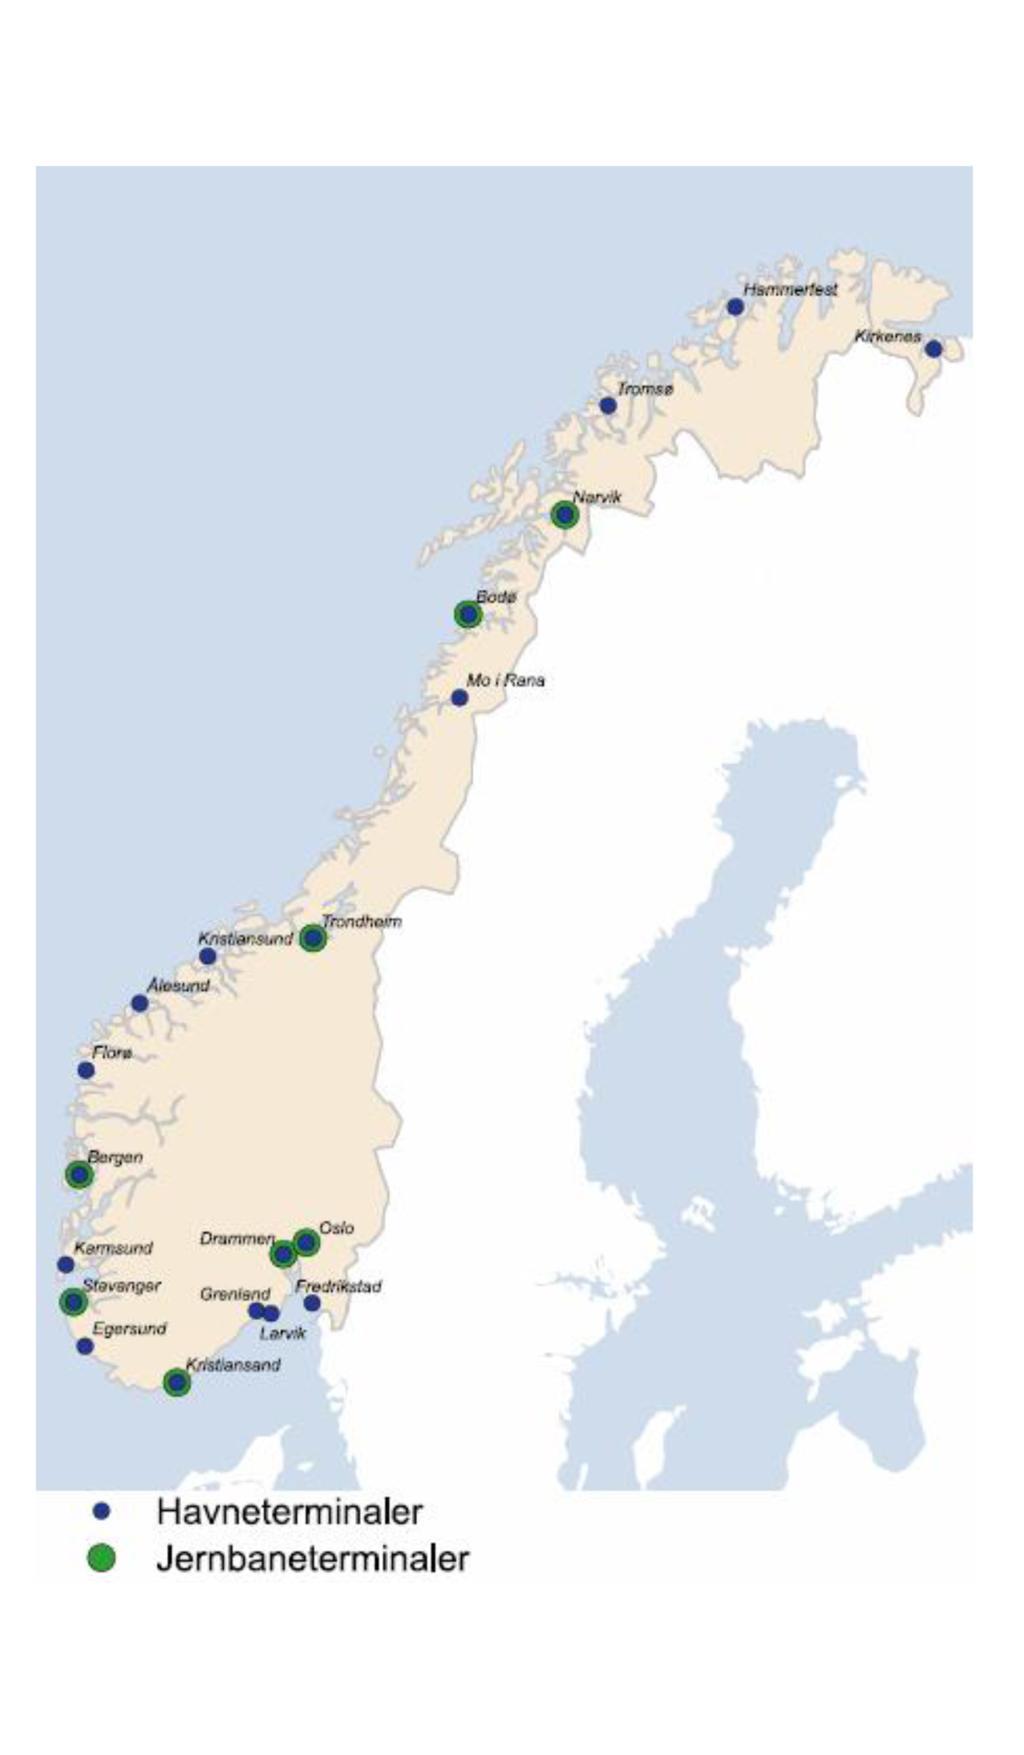 Kart viser havne- og jernbaneterminaler i Norge. foto.